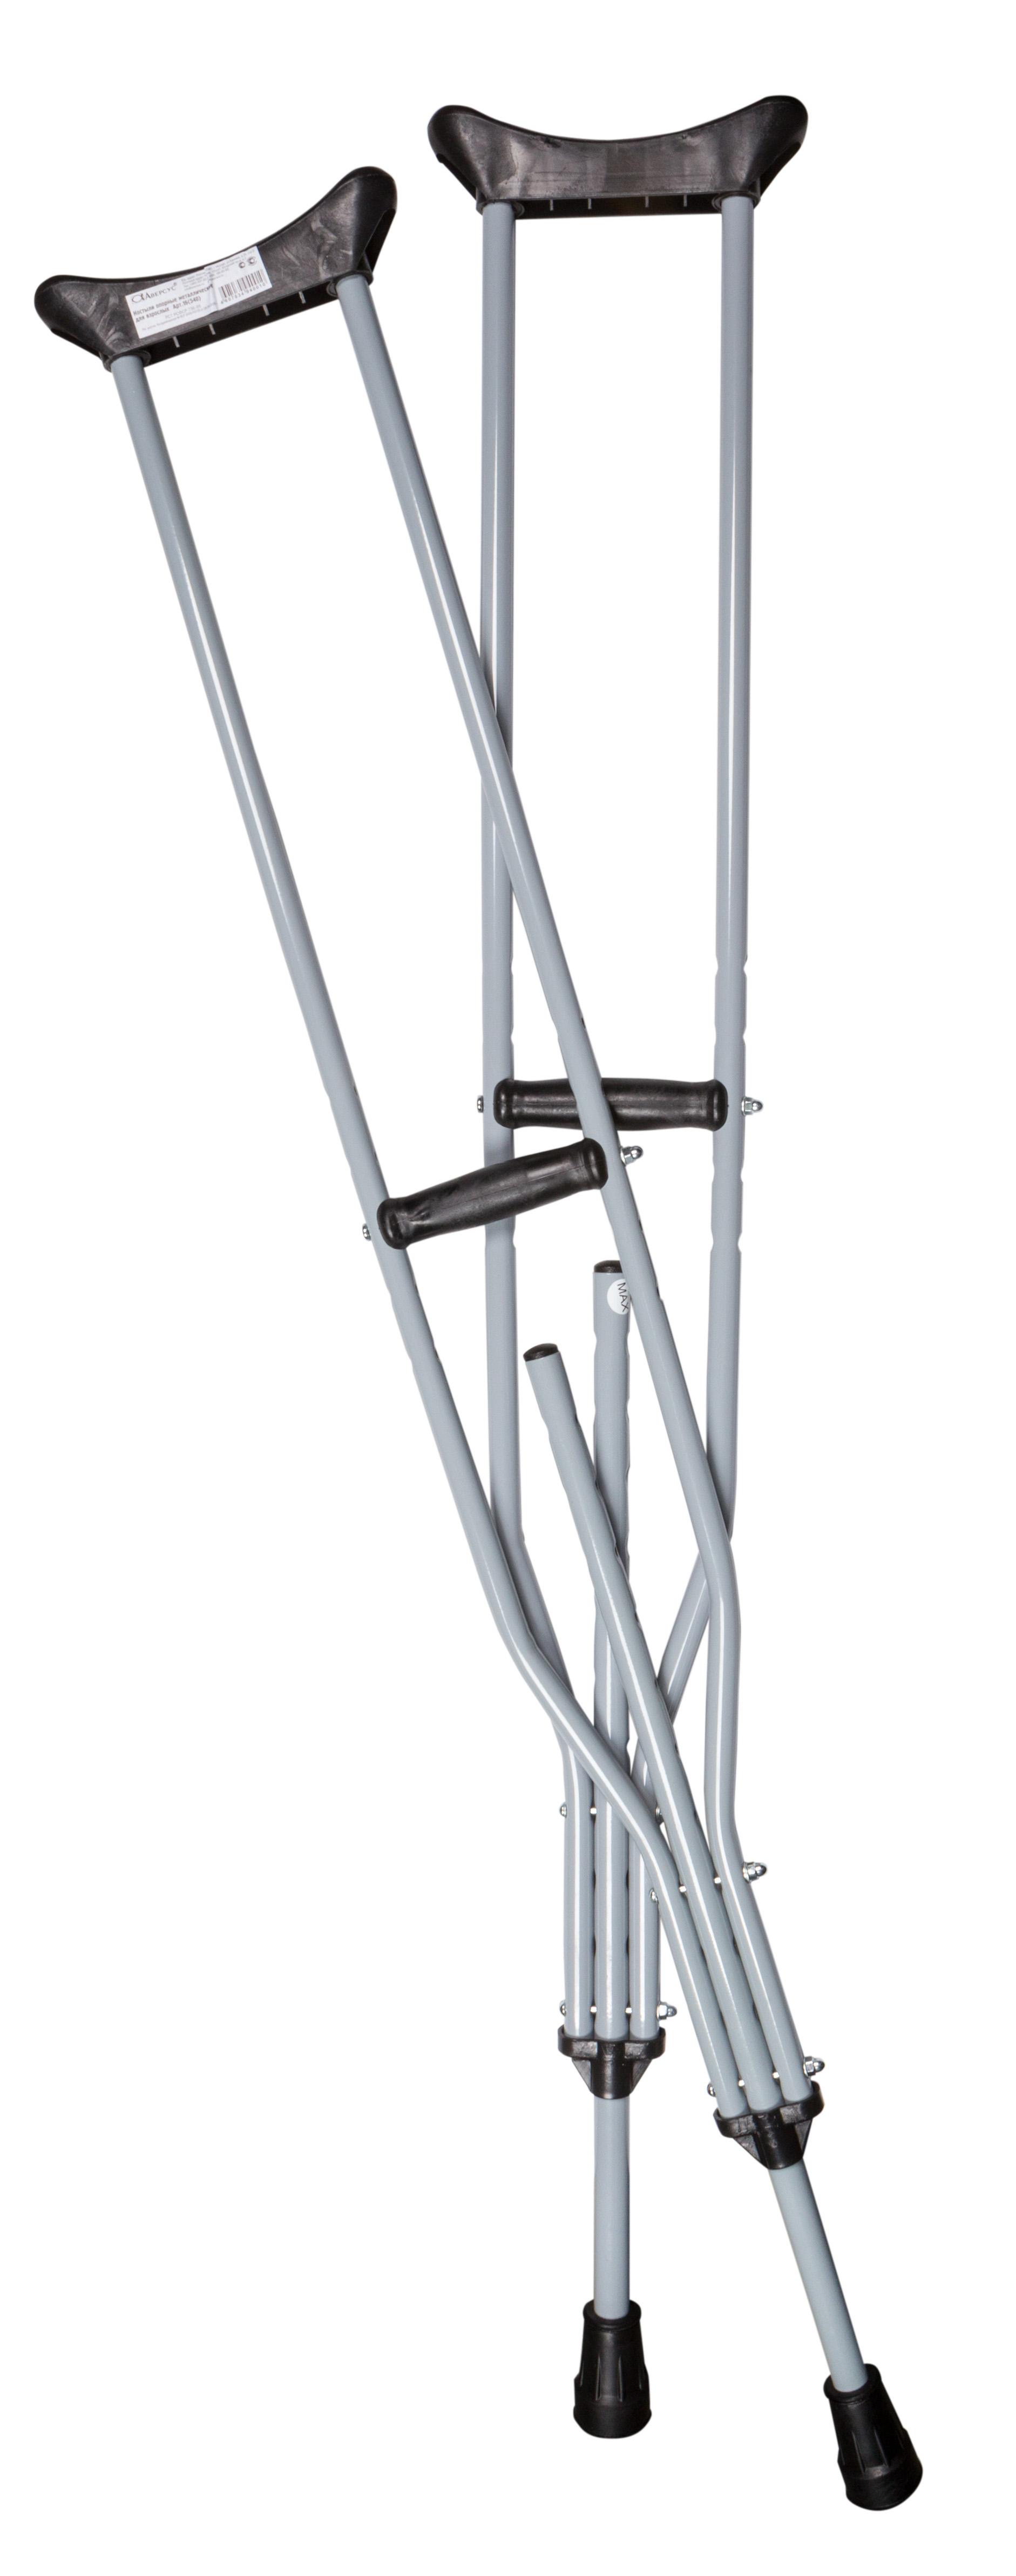 Костыли опорные металлические д/взрослых n2 (16/540)